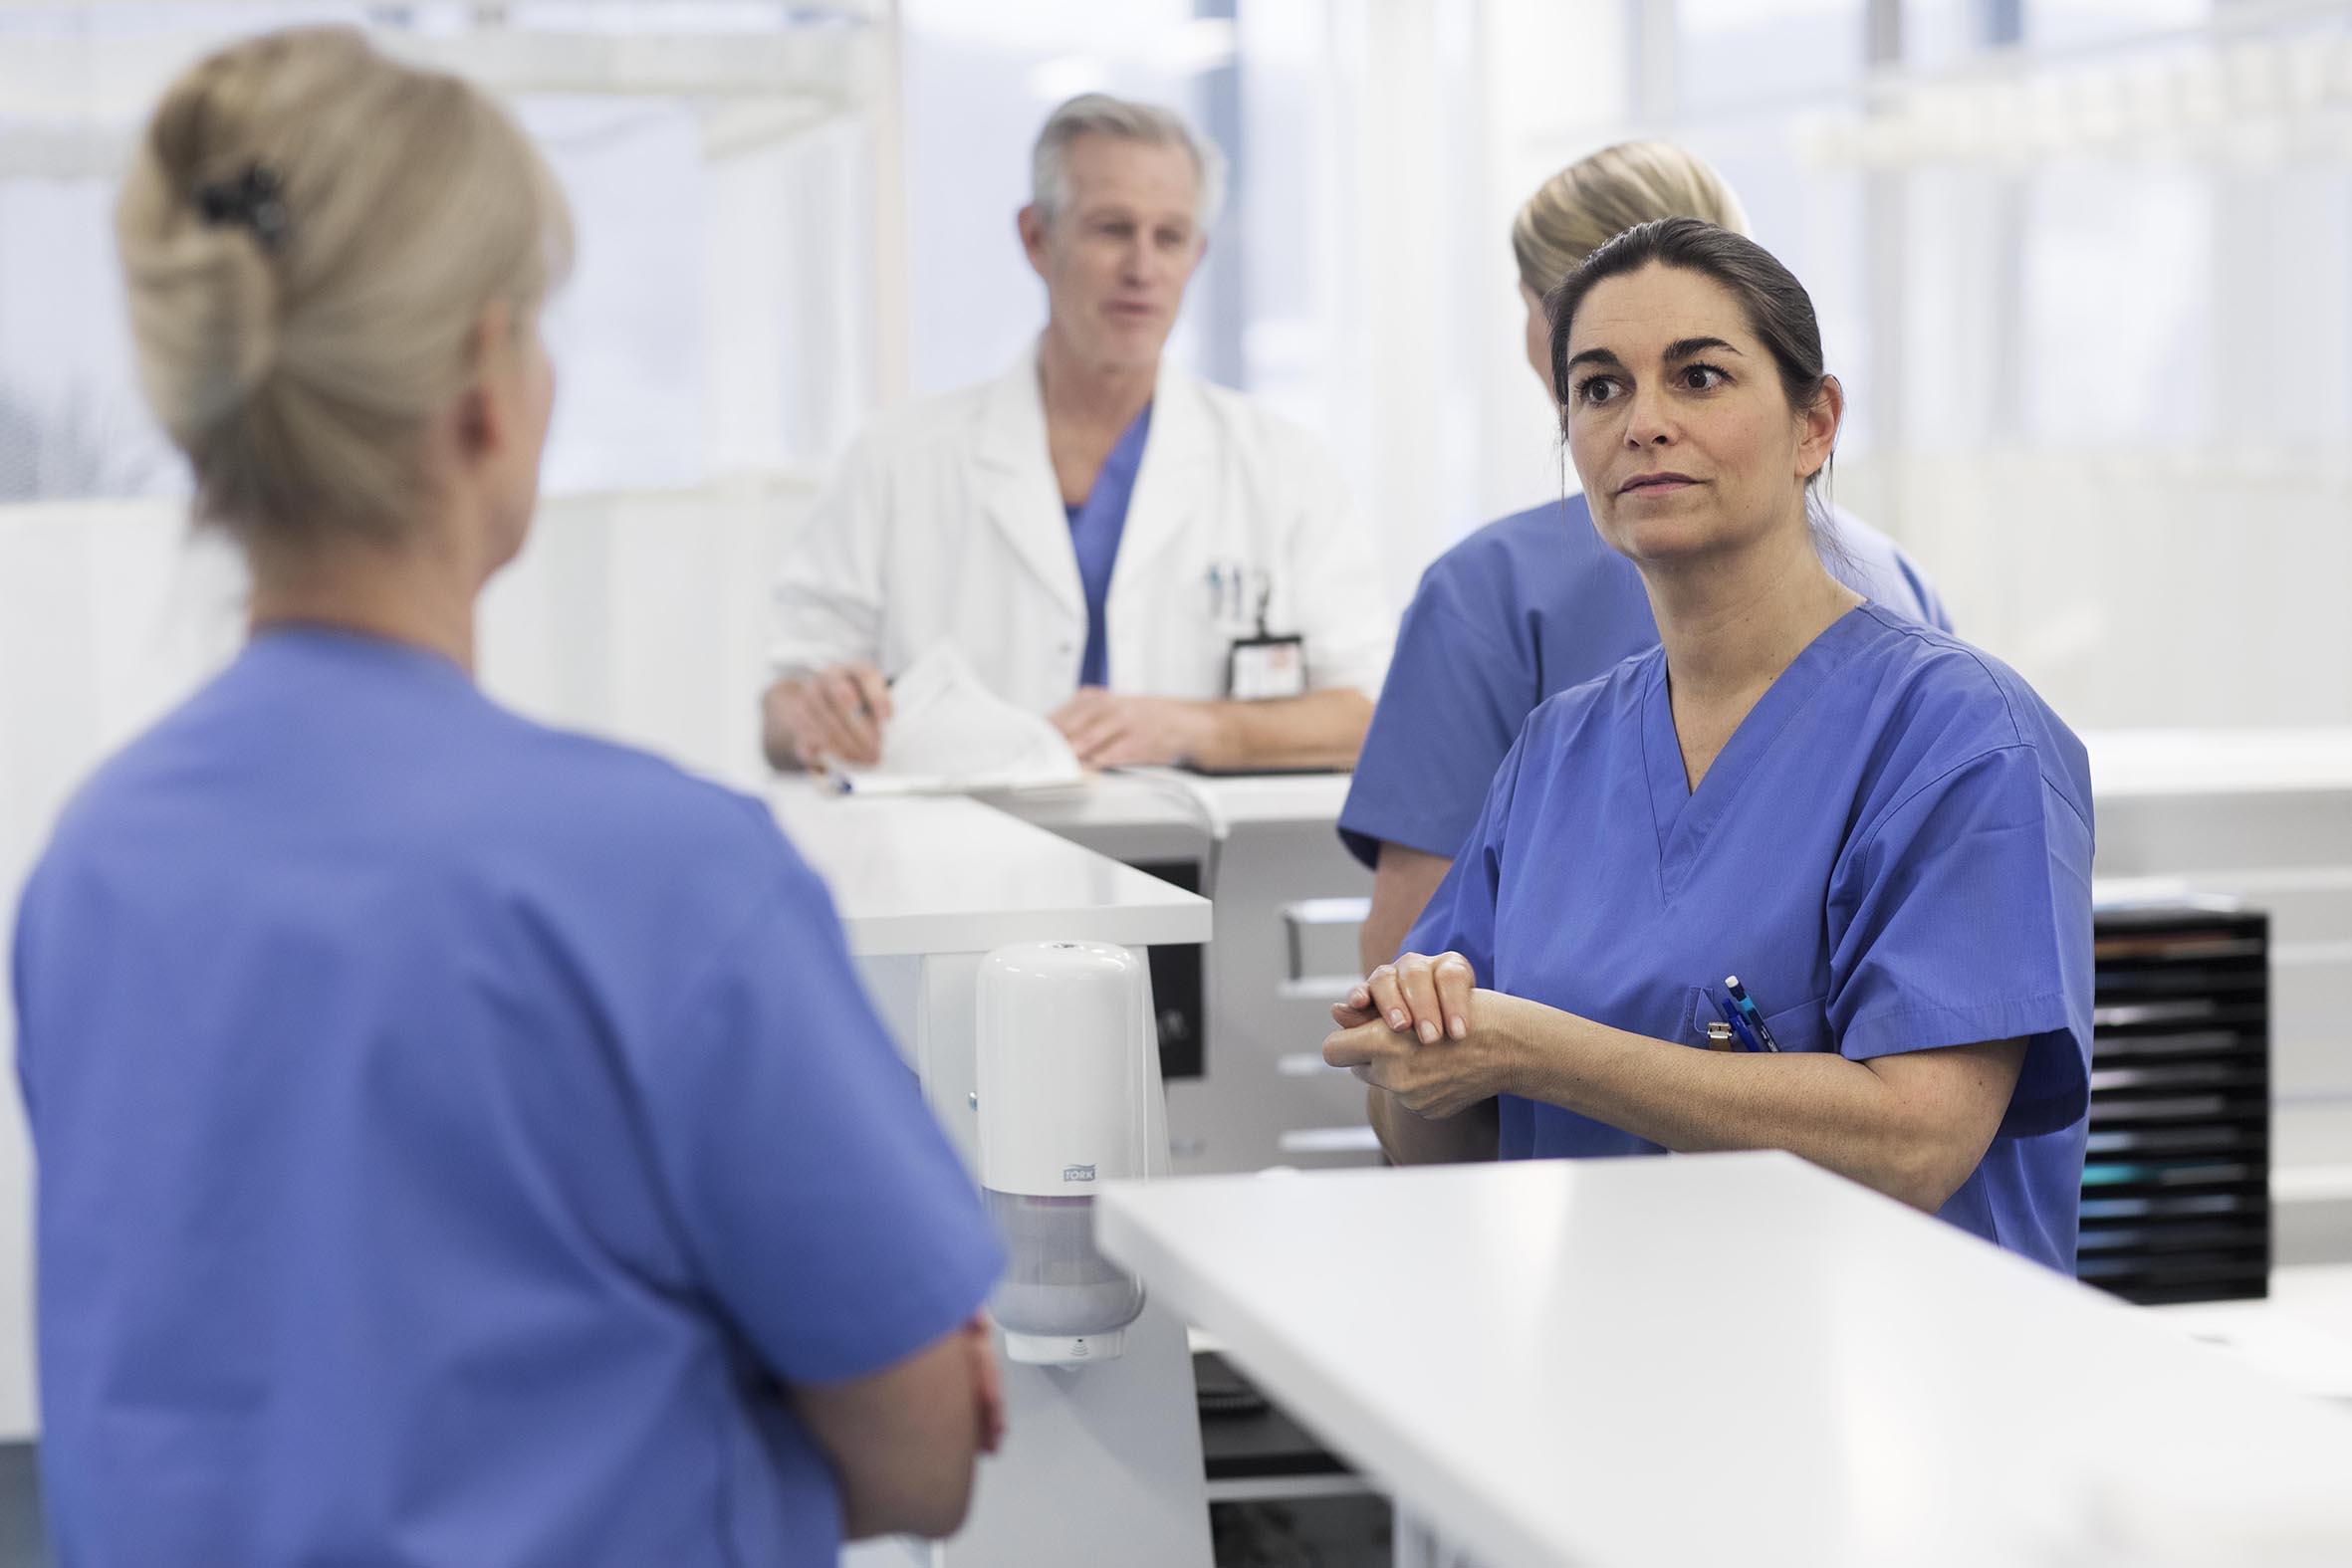 Tork giver sundhedspersonale tryghed mod covid-19